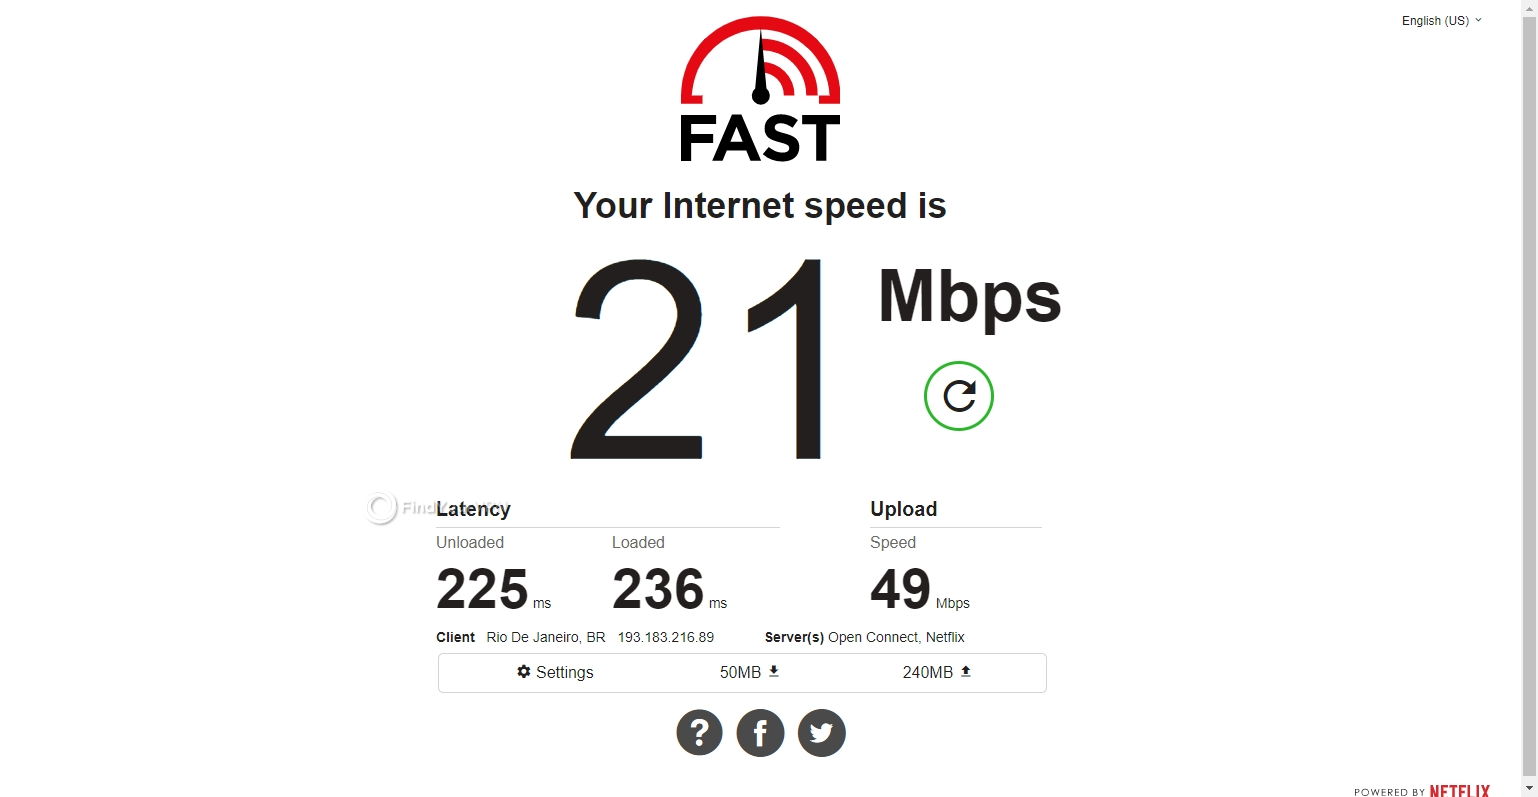 Brazil server speed PrivateVPN